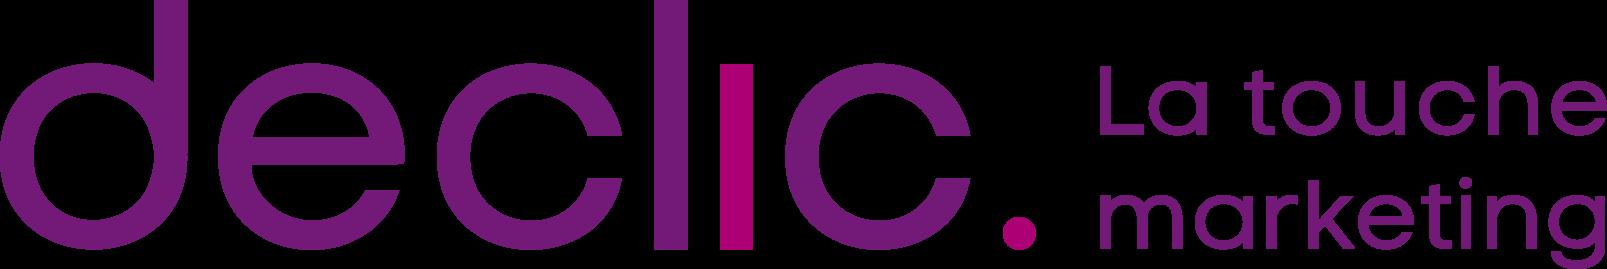 Declic | La touche marketing